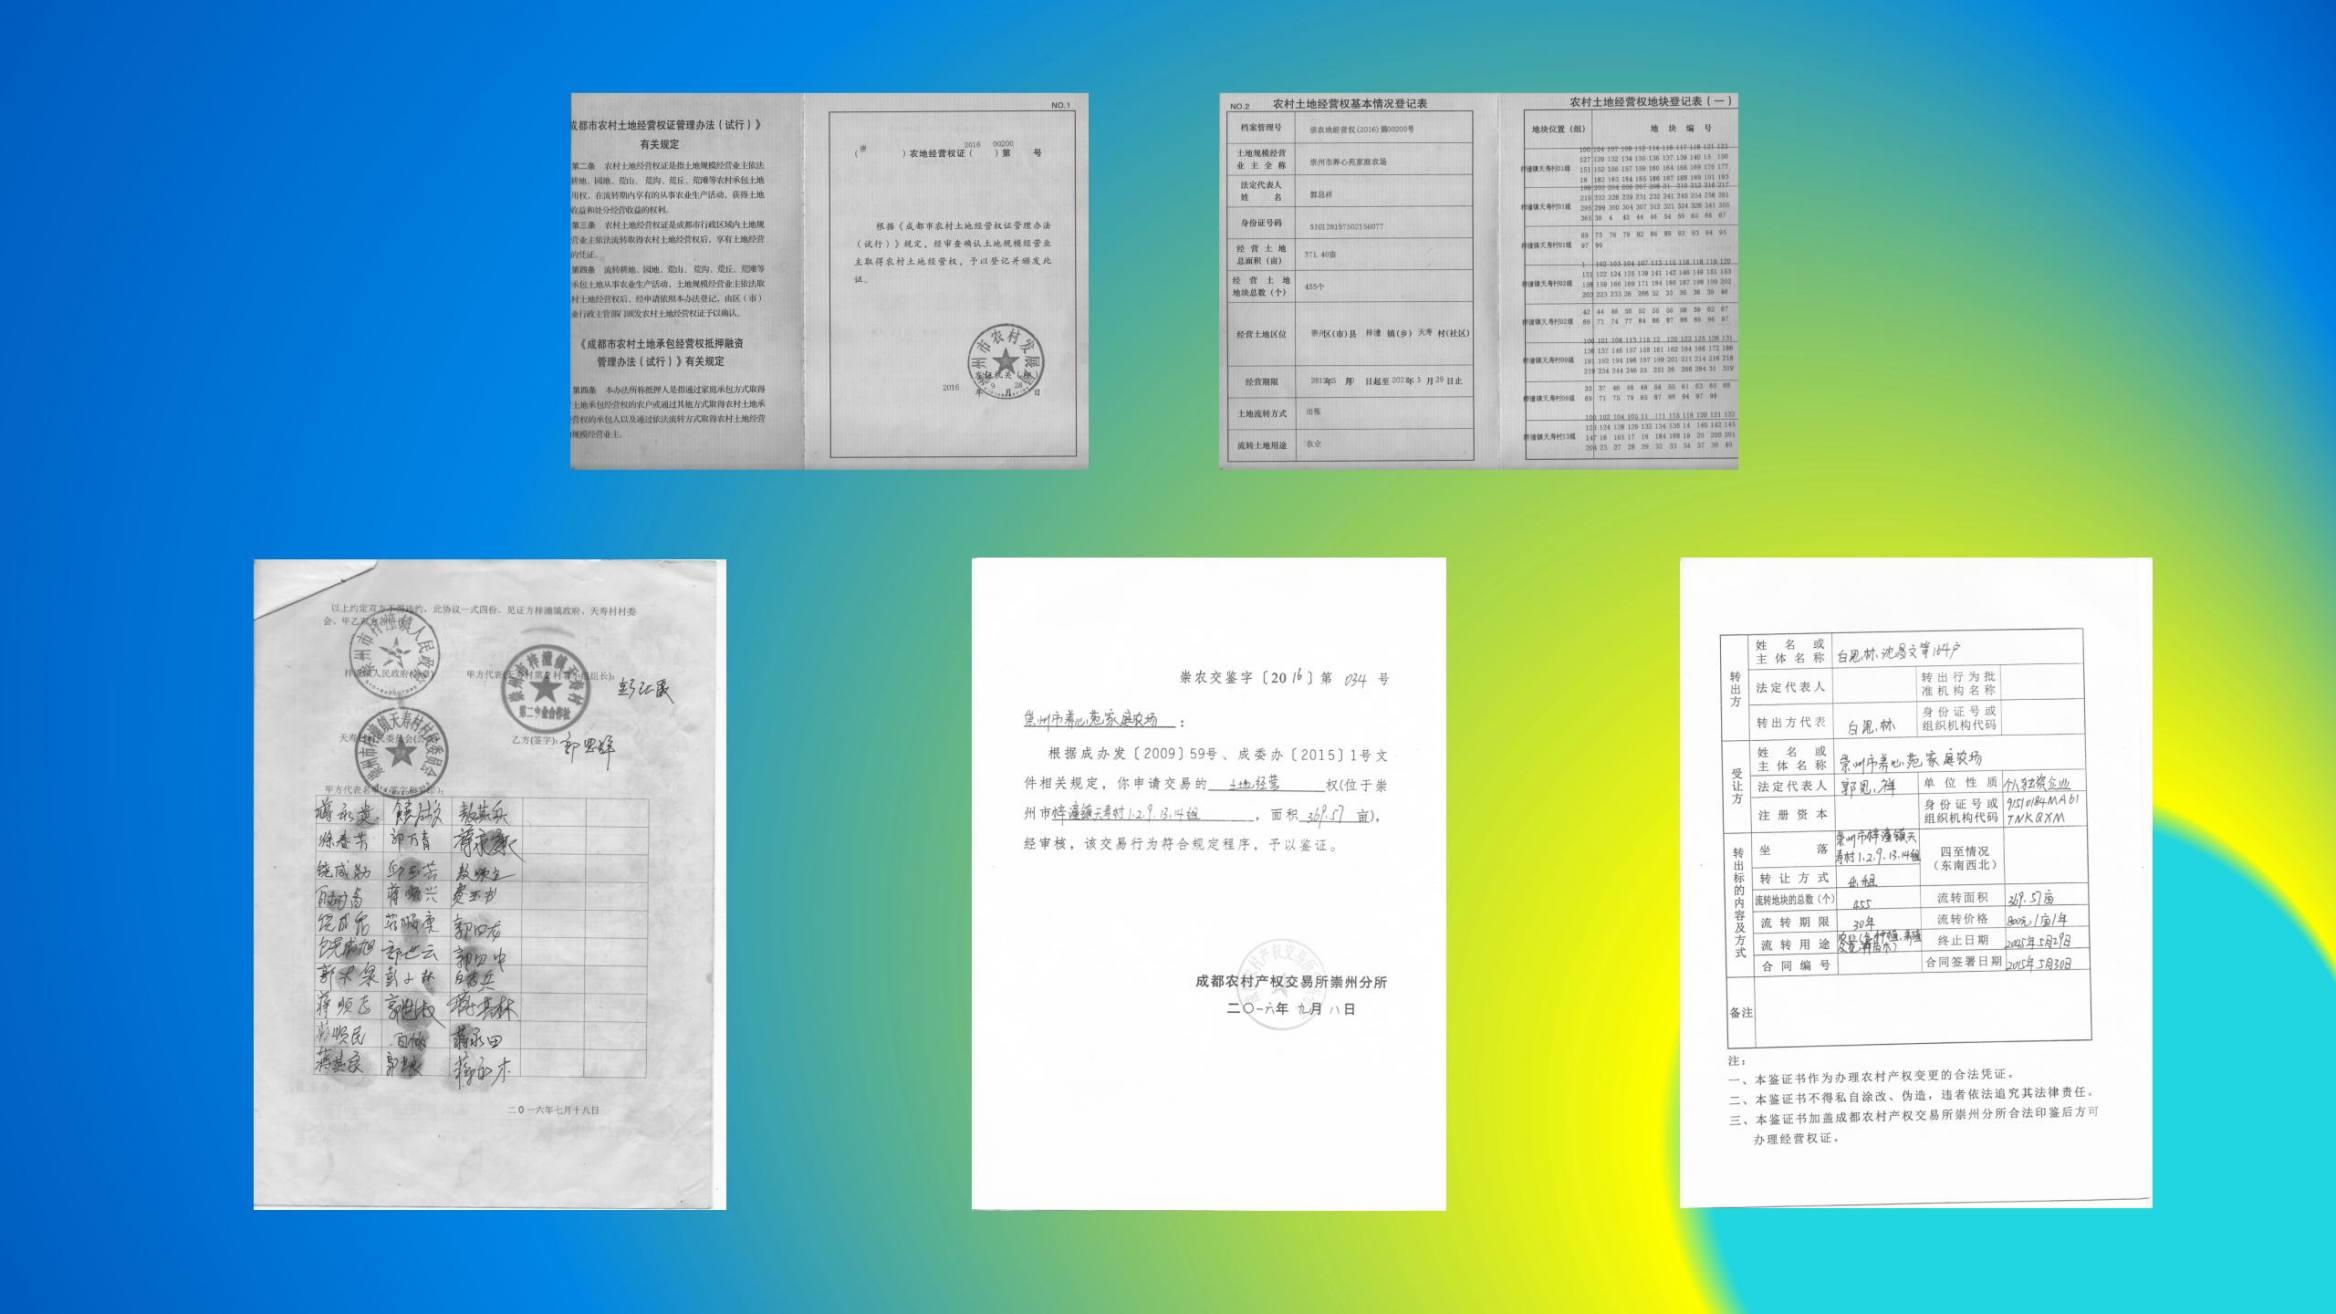 沈家船田园水乡智慧生态园 (23)